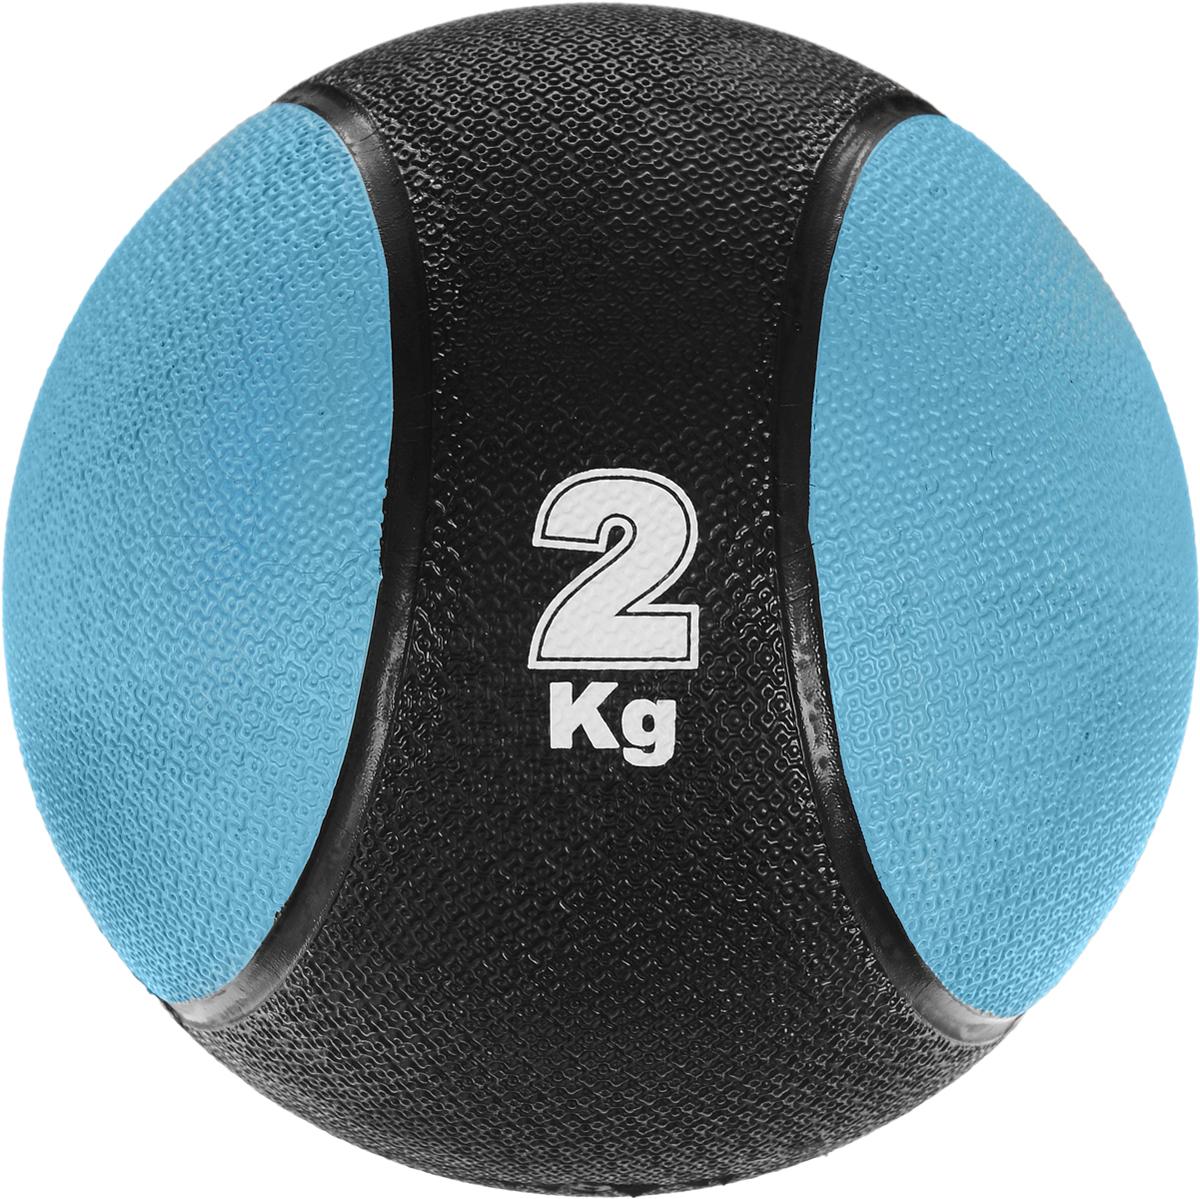 Медицинбол Start Up MBR2, цвет: черный, синий, 2 кг, 19,5 см290259Медицинбол Start Up MBR2 - тренировочный мяч, который прекрасно подходит для занятий фитнесом, аэробикой или ЛФК (лечебной физкультурой). Шероховатая поверхность не дает ему выскользнуть из рук. Предназначен для укрепления мышц плечевого пояса, спины, рук и ног. Мяч выполнен из резины, наполнен также резиной.Йога: все, что нужно начинающим и опытным практикам. Статья OZON Гид